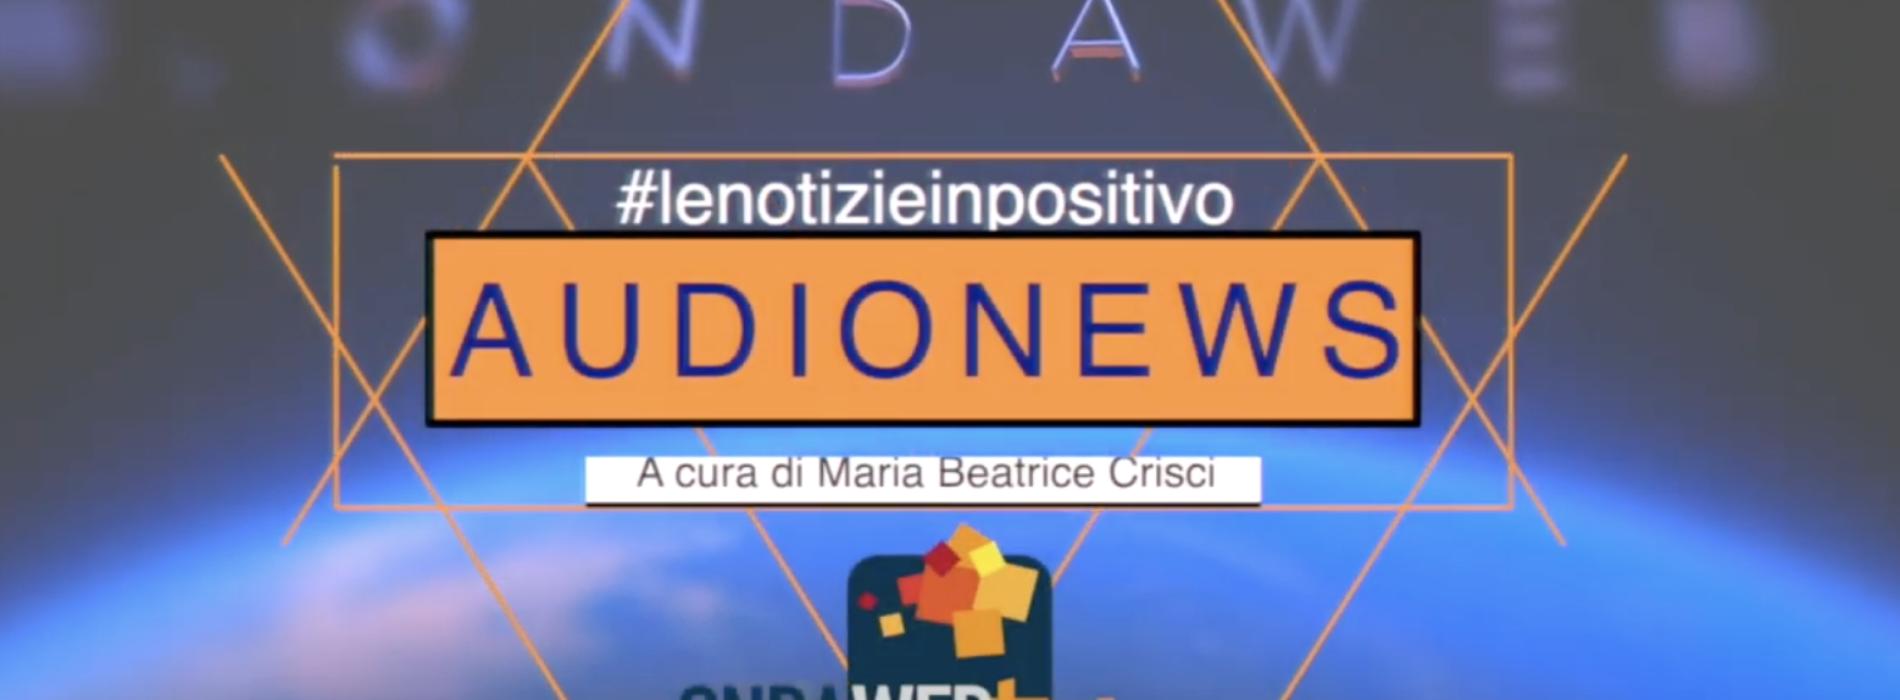 Audionews di Ondawebtv. 20 ottobre